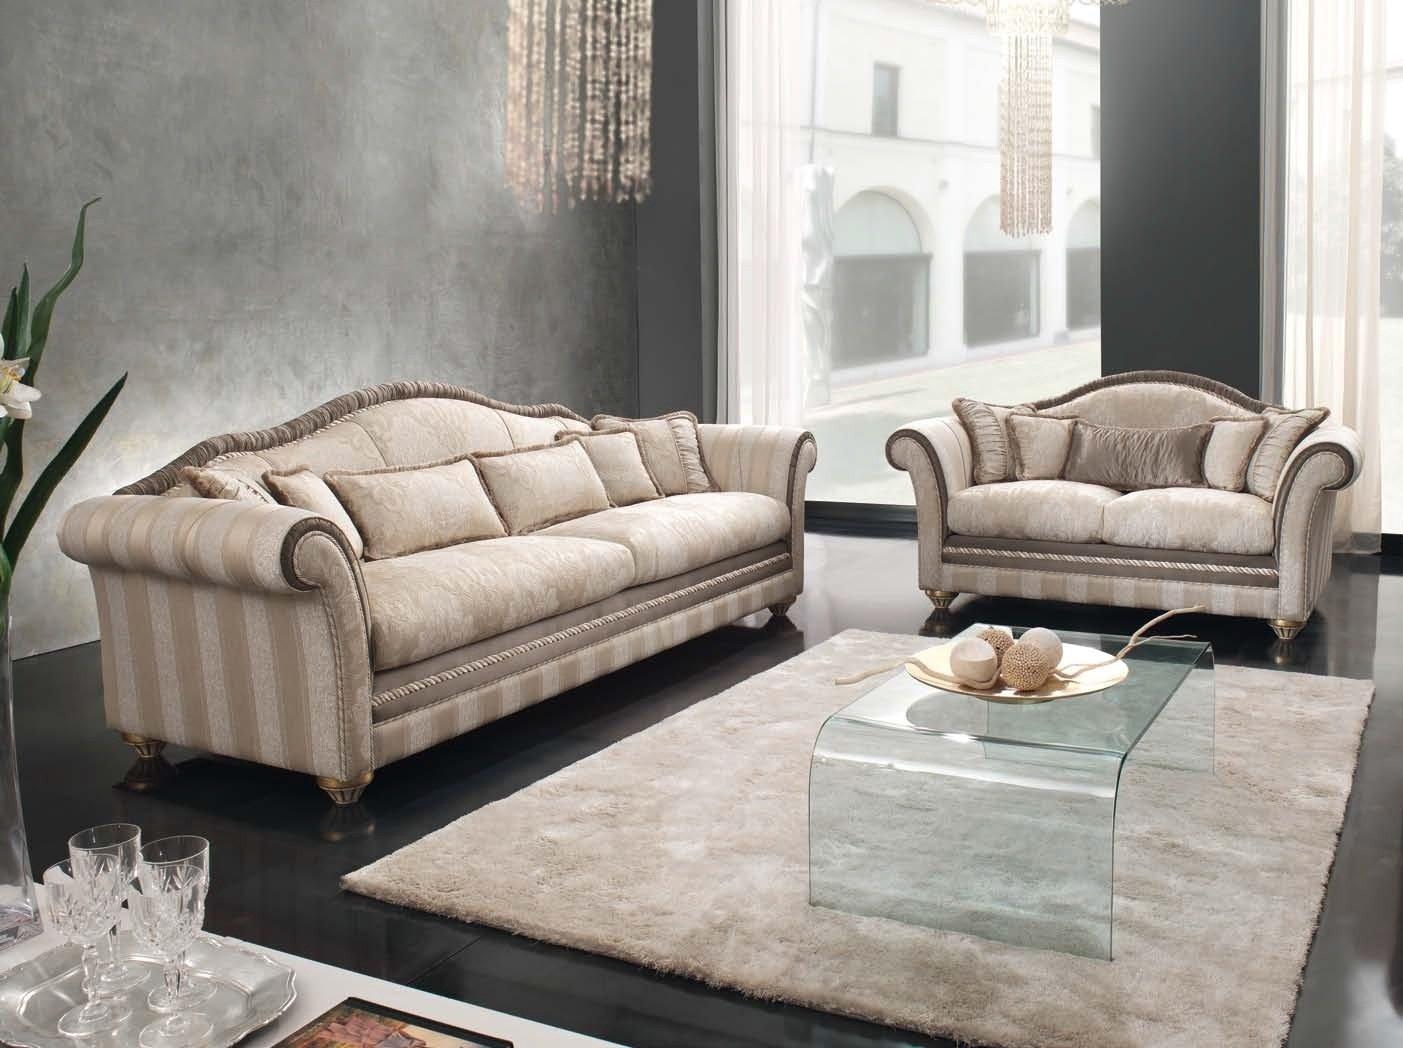 Pushkar комплект мягкой мебели 89094